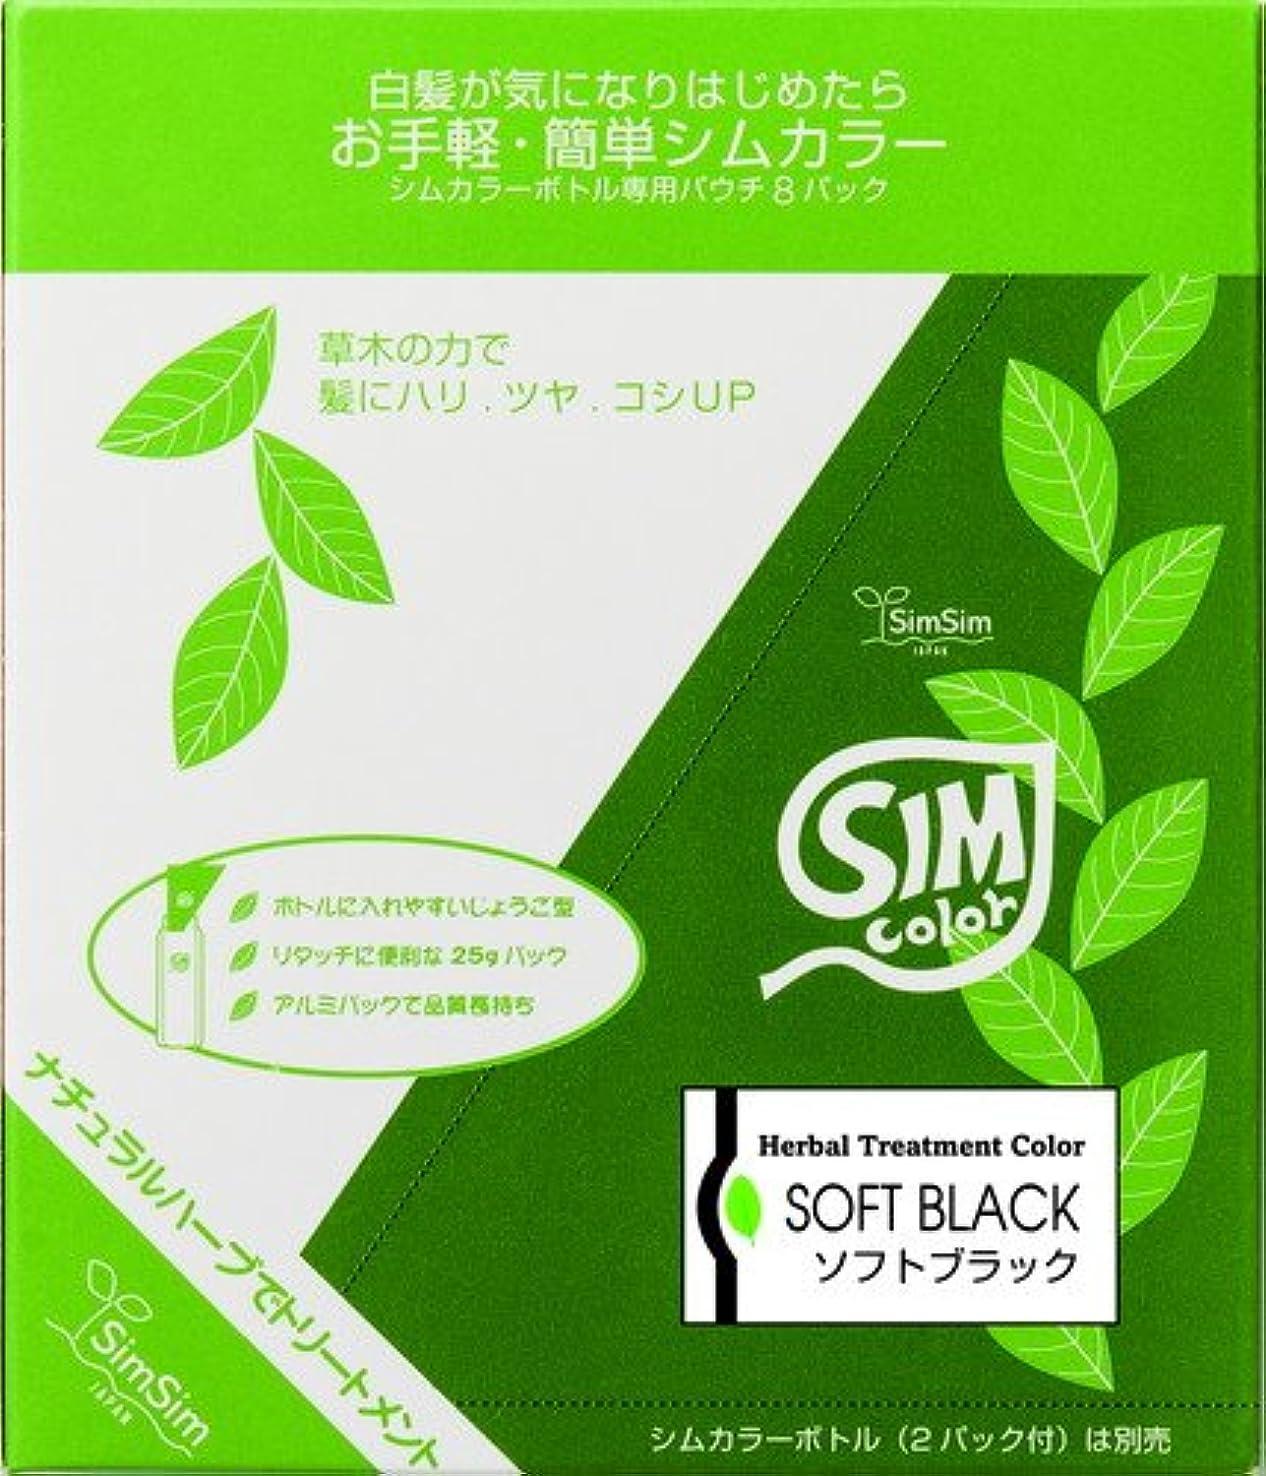 ランプ説教する私達SimSim(シムシム)お手軽簡単シムカラーエクストラ(EX)25g 8袋 ソフトブラック